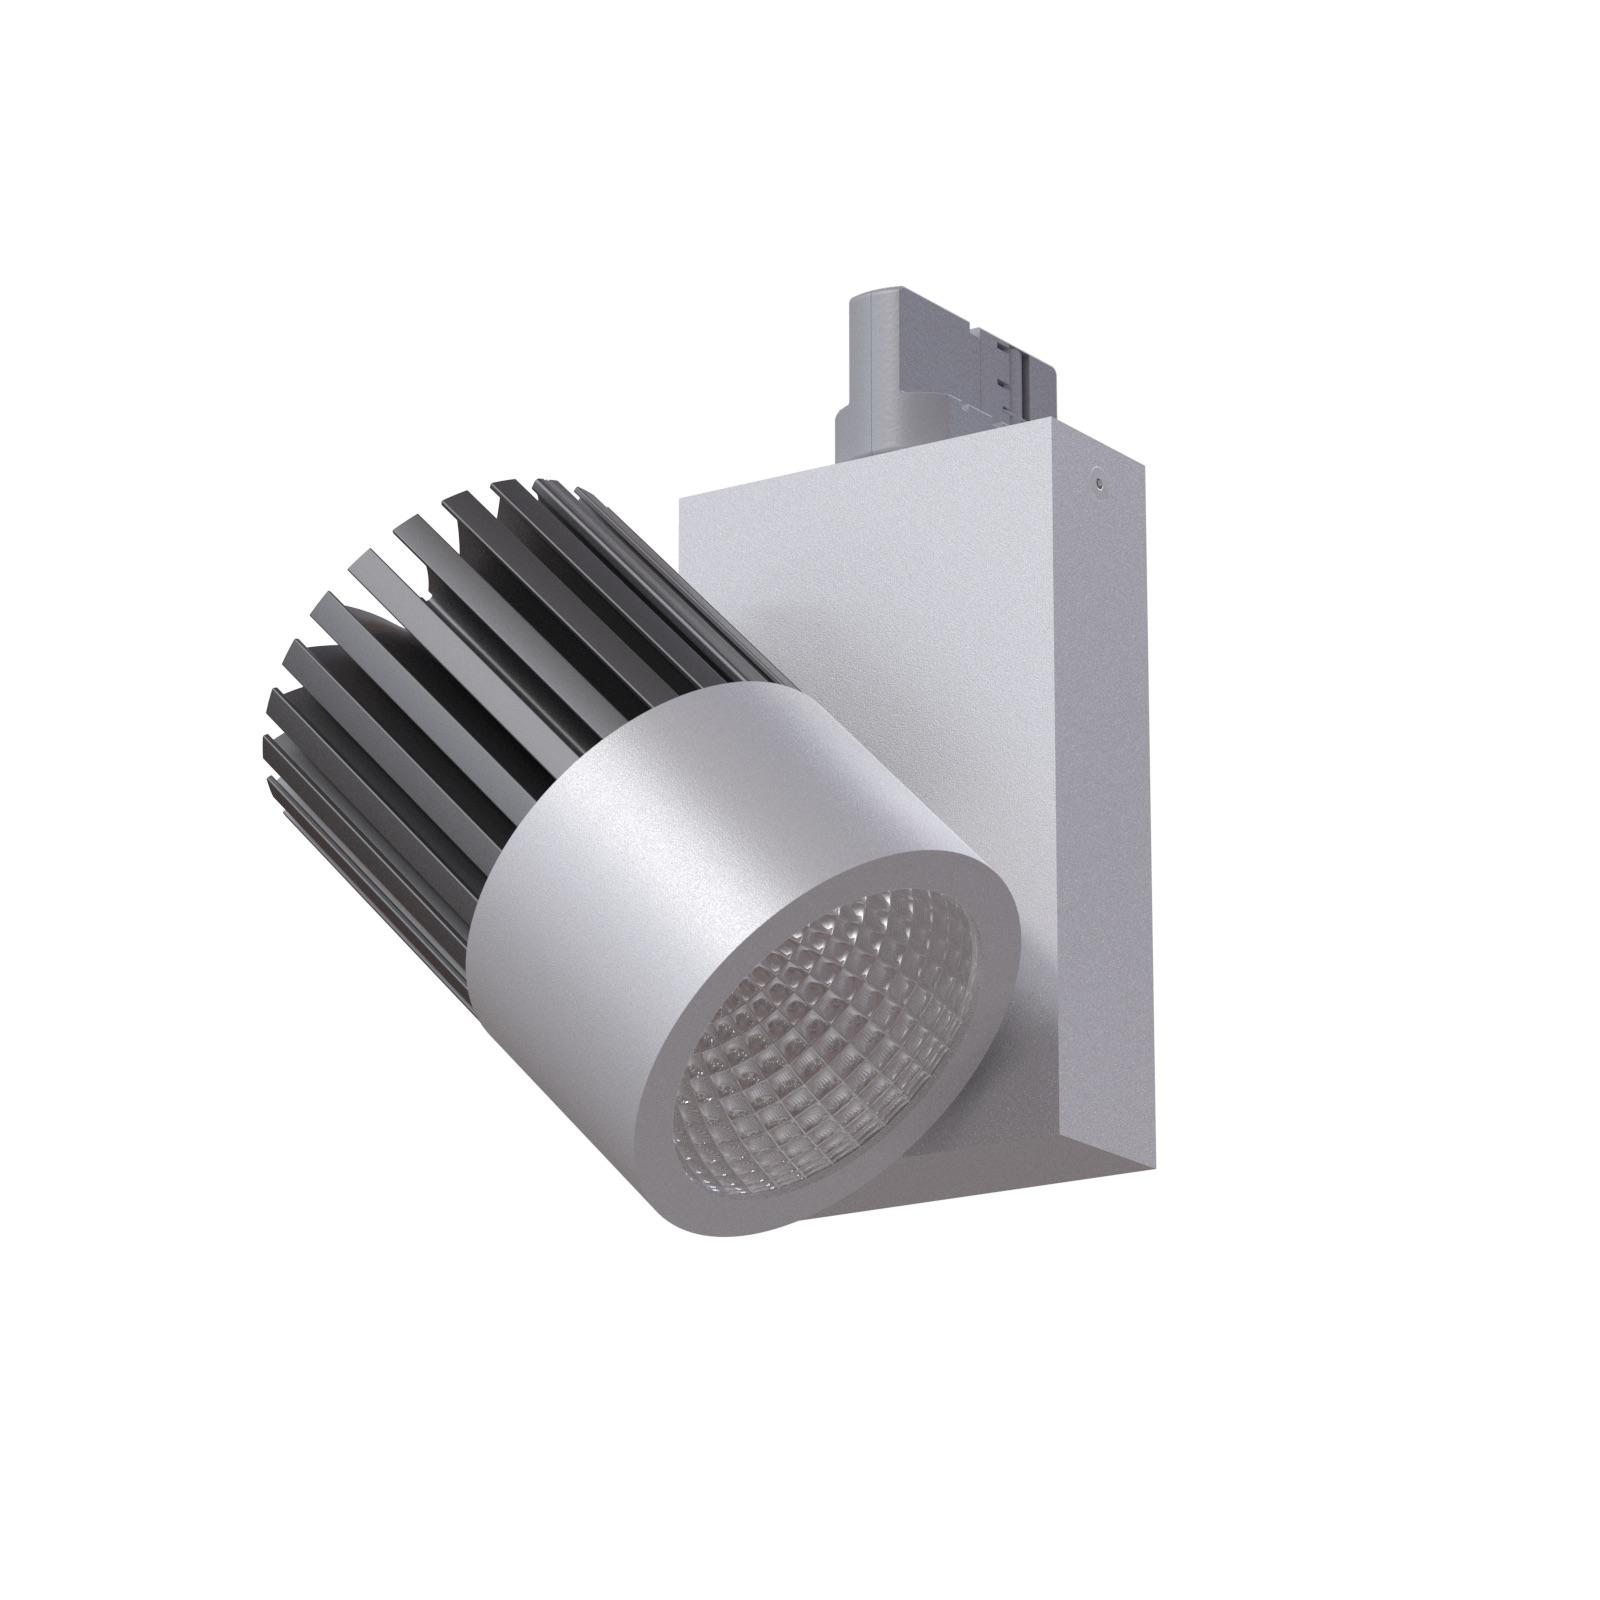 Professional spot astor led slm track f r 3 phasen for Lampen 3 phasen stromschiene